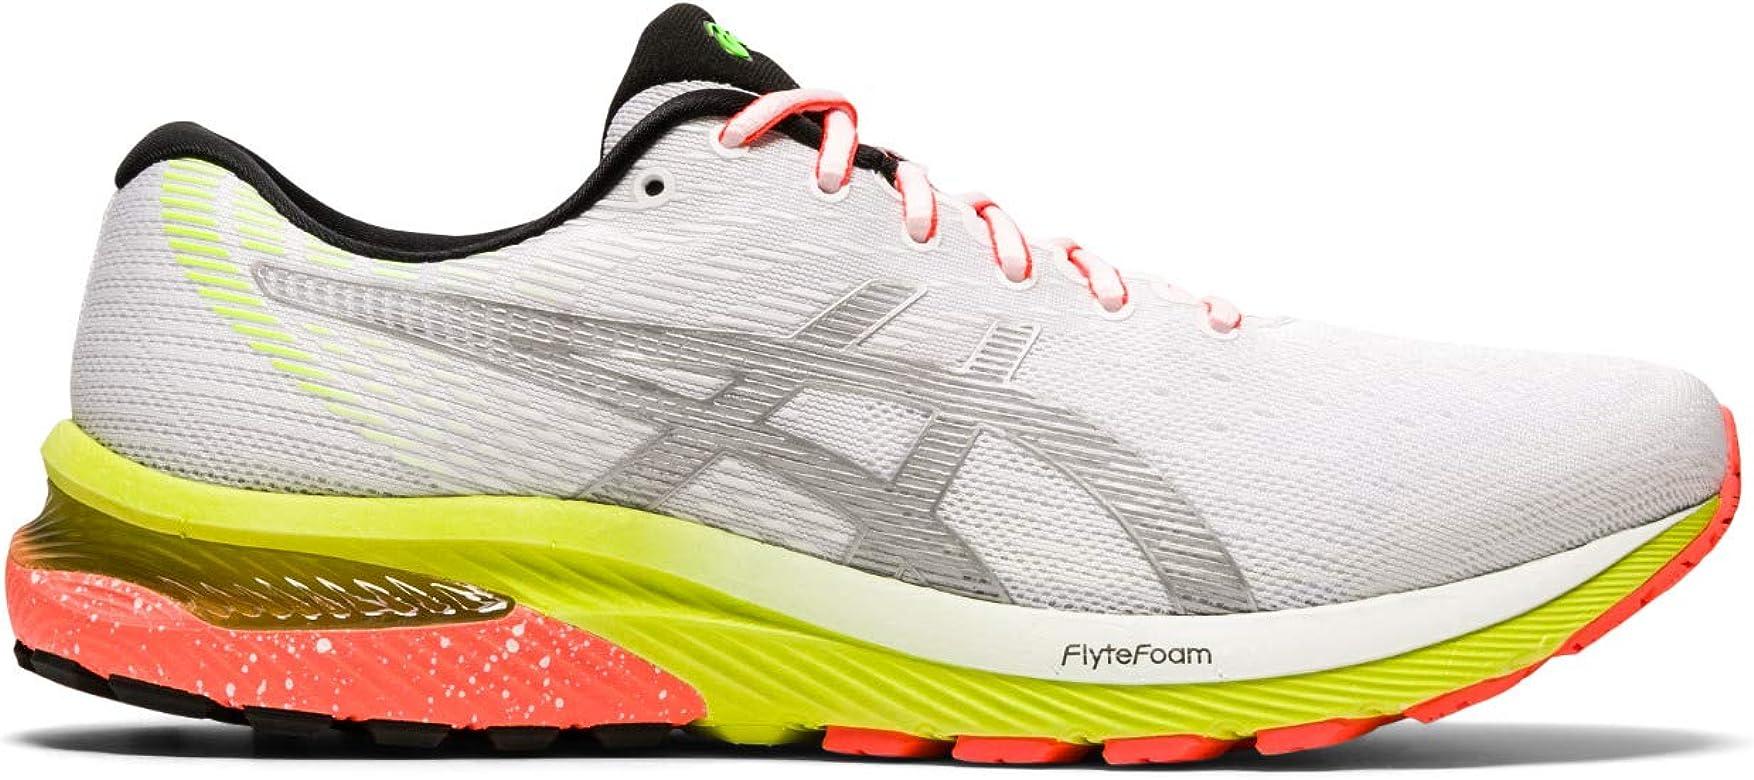 ASICS Gel-Cumulus 22 Lite-Show, Zapatillas de Running para Hombre, Weiß Grau, 48 EU: Amazon.es: Zapatos y complementos